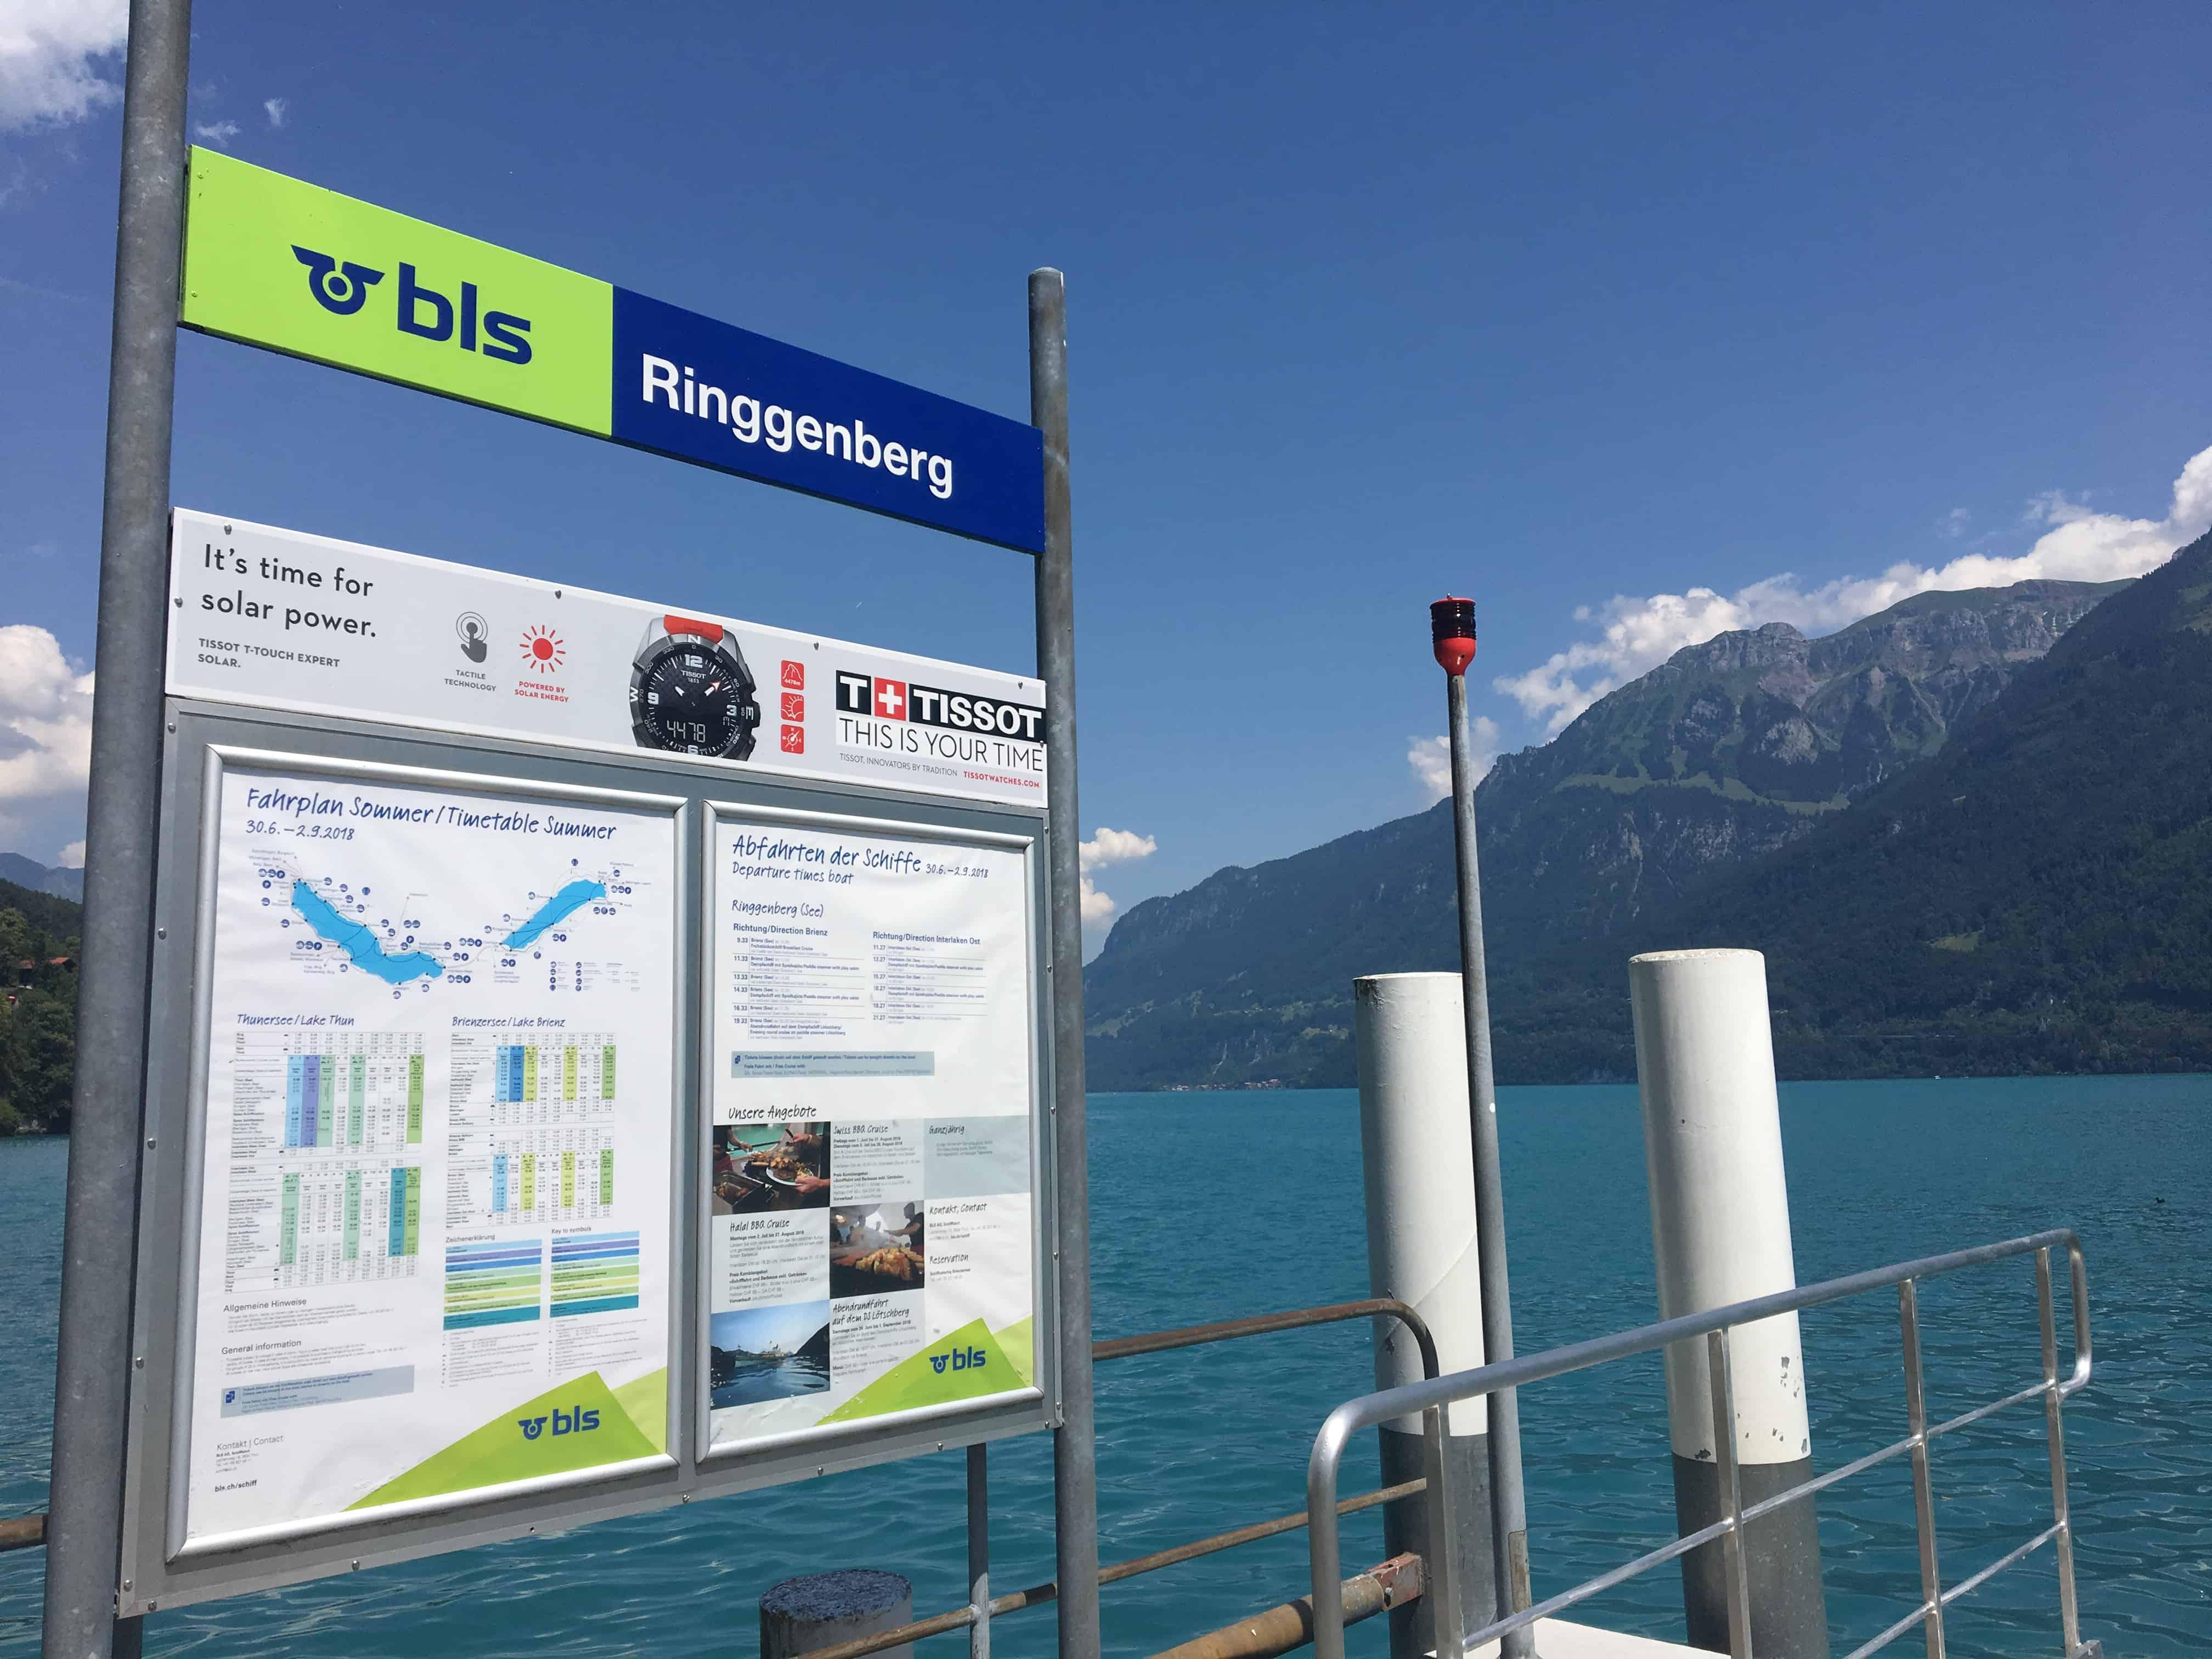 Ringgenberg Schiffsstation am Brienzer See